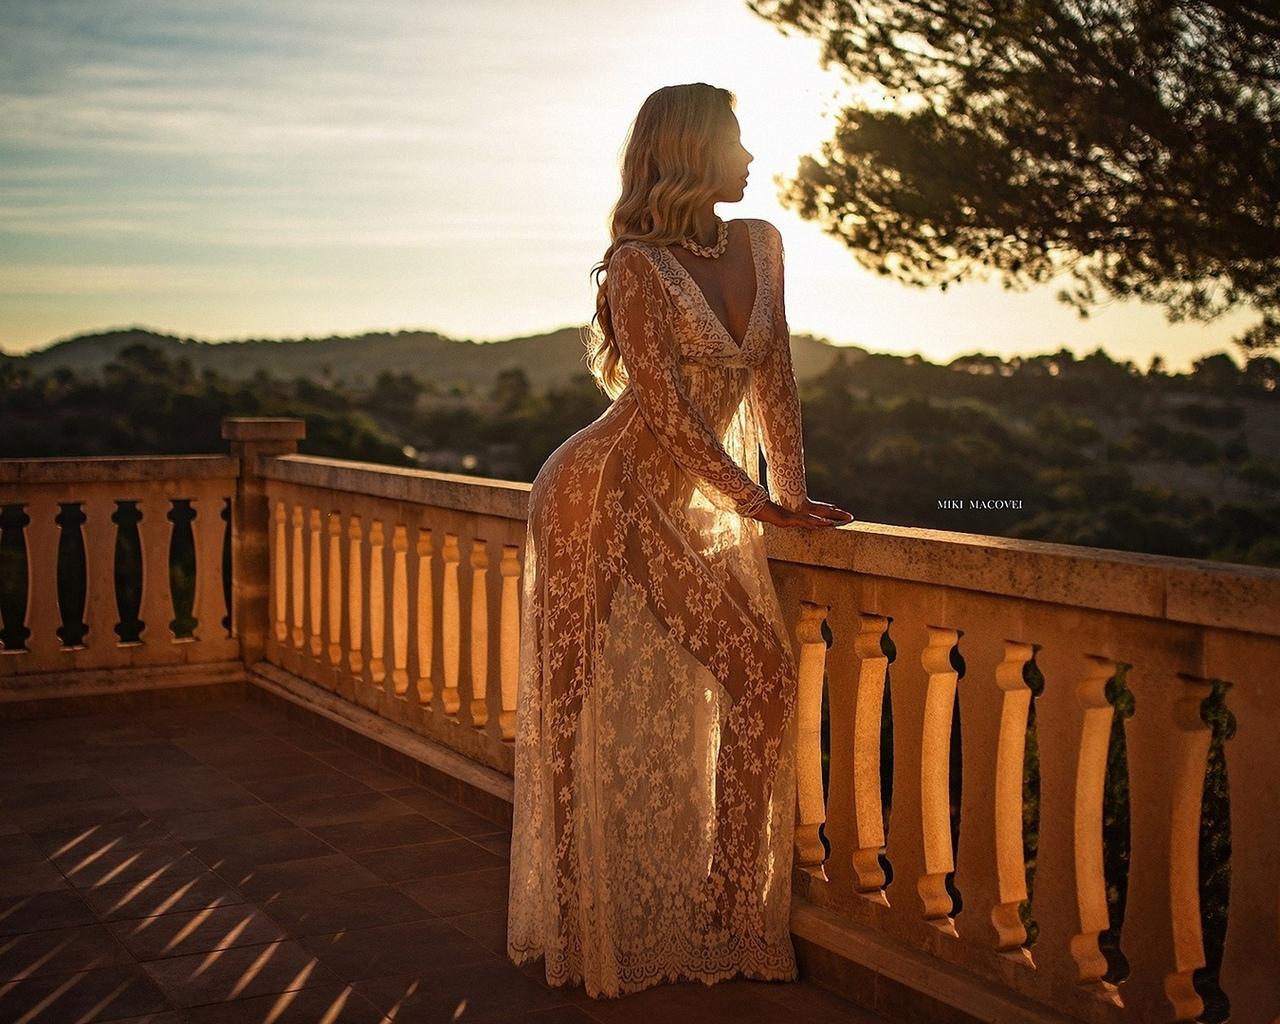 девушка, модель, позирует, в платье, проф фото